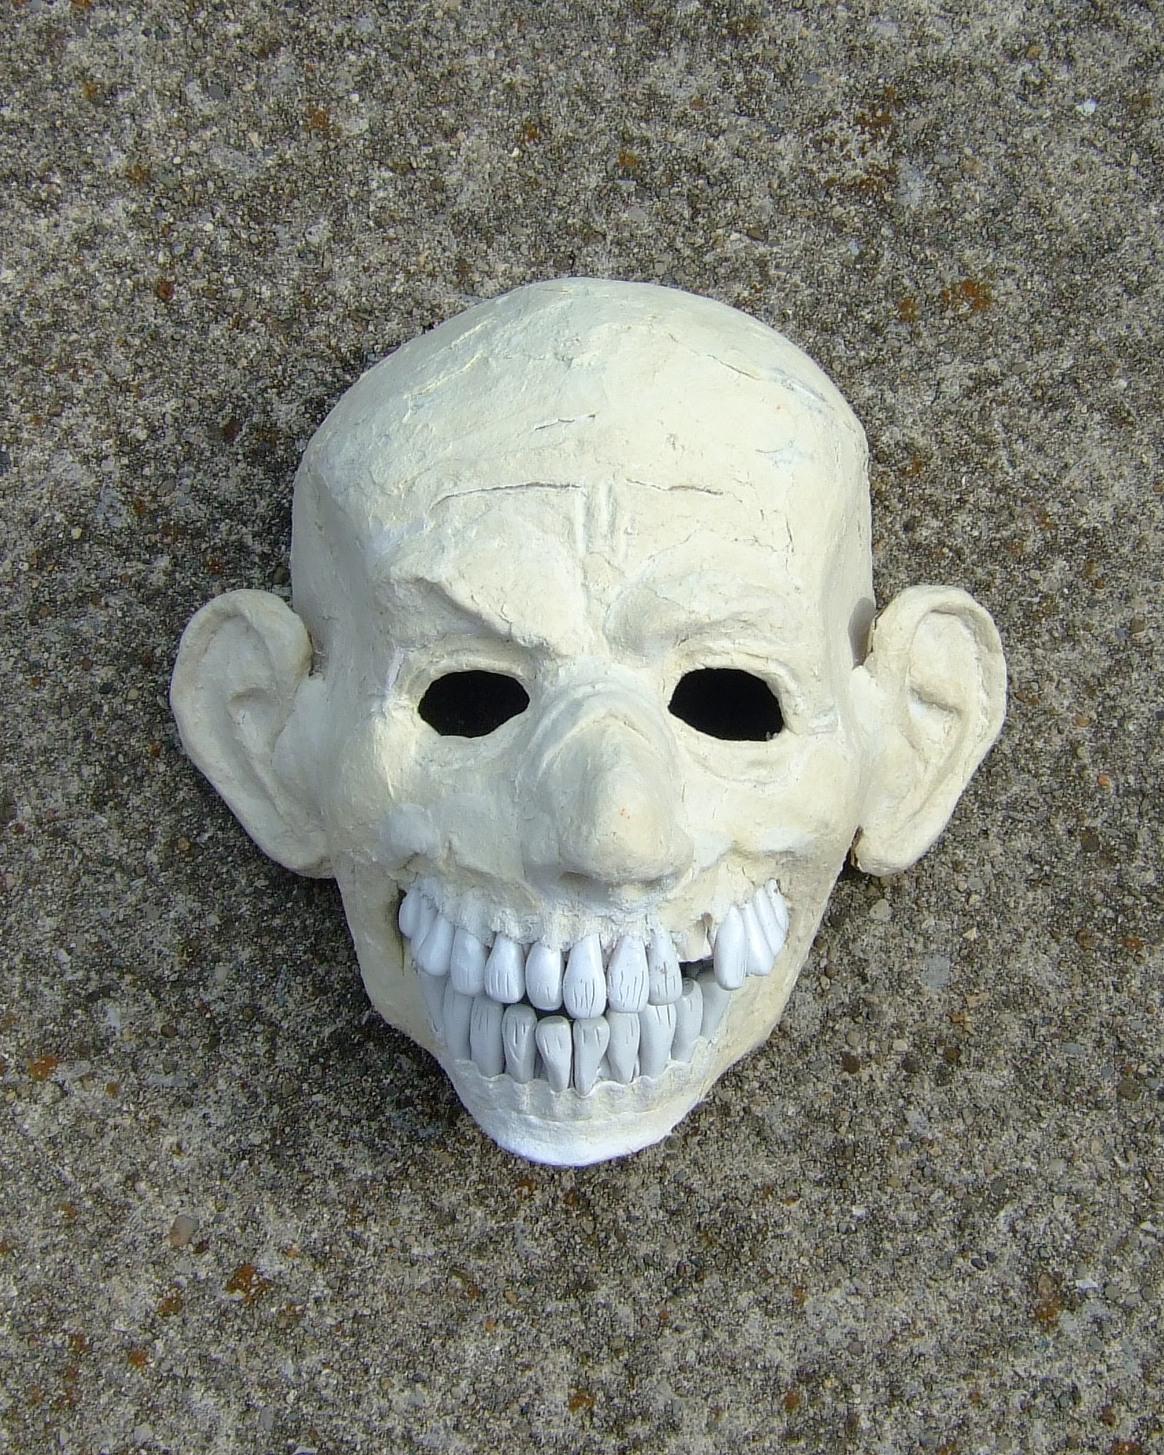 http://1.bp.blogspot.com/-BVXgsG62DBg/UAHnoZLSHkI/AAAAAAAAAw0/dfBKIees6FY/s1600/ZombieHead.JPG